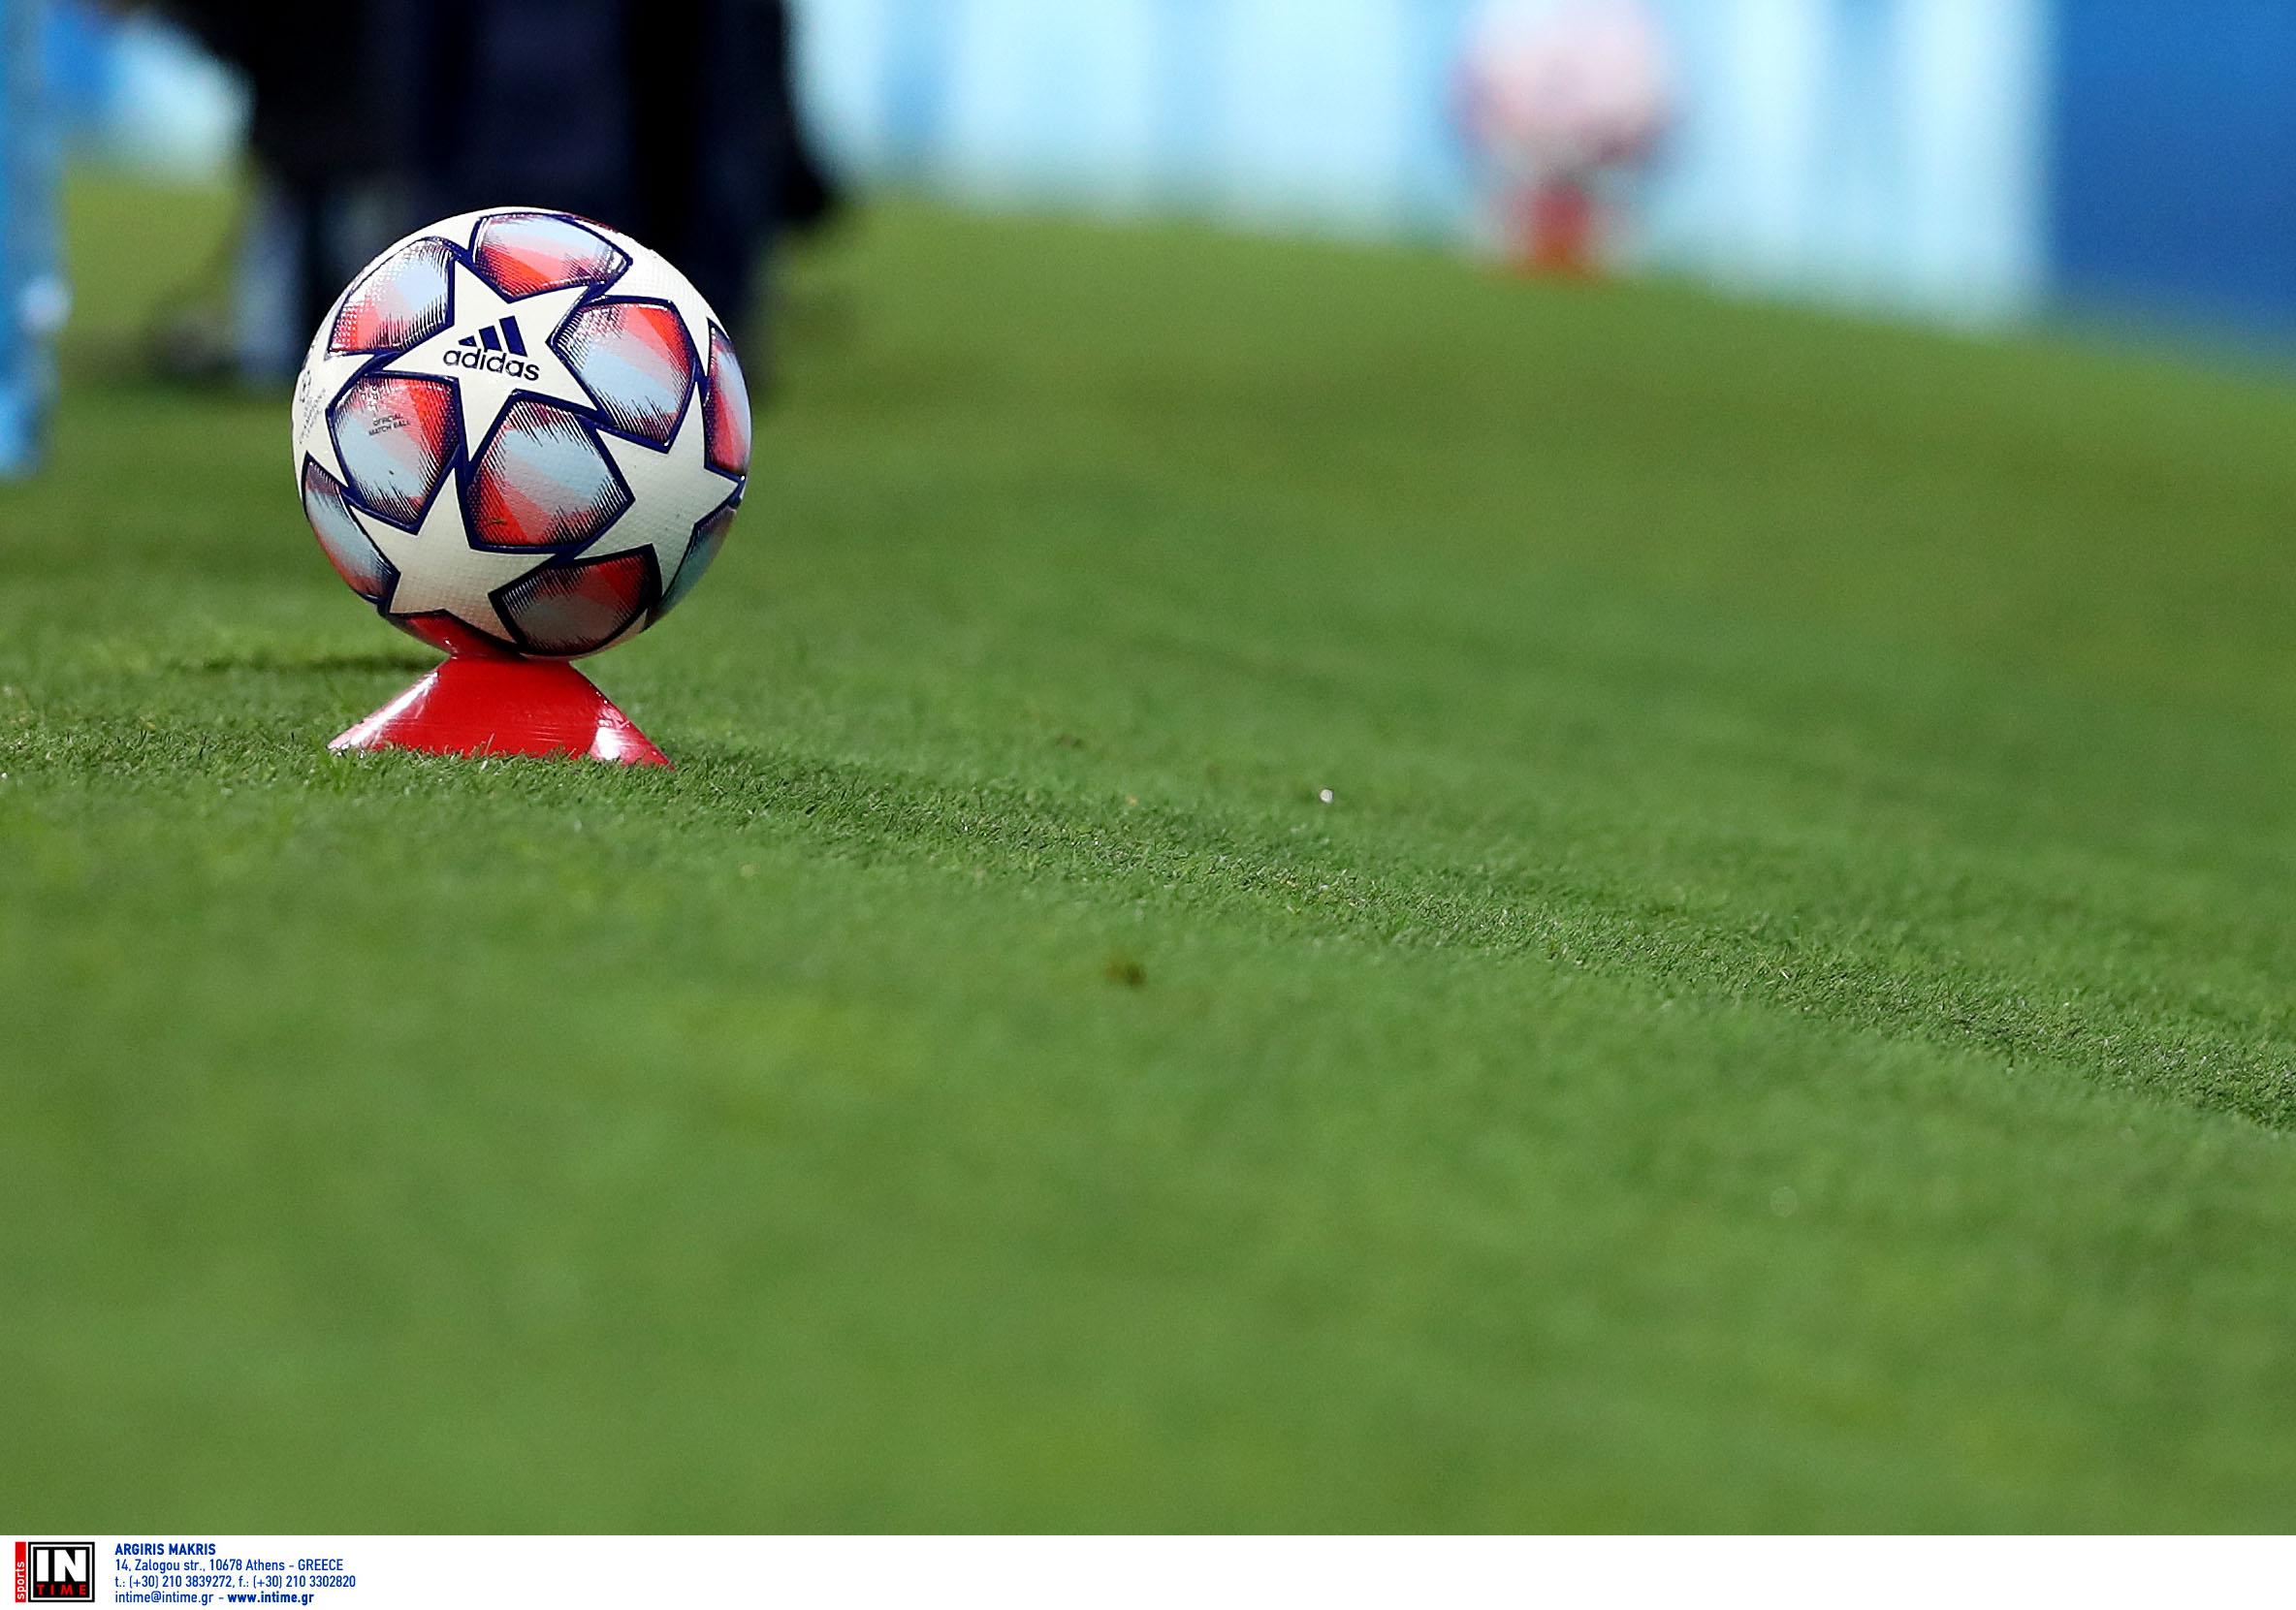 Σάλος σε όλη την Ευρώπη για τη European Super League: «Εγκληματική ενέργεια κατά των φιλάθλων»